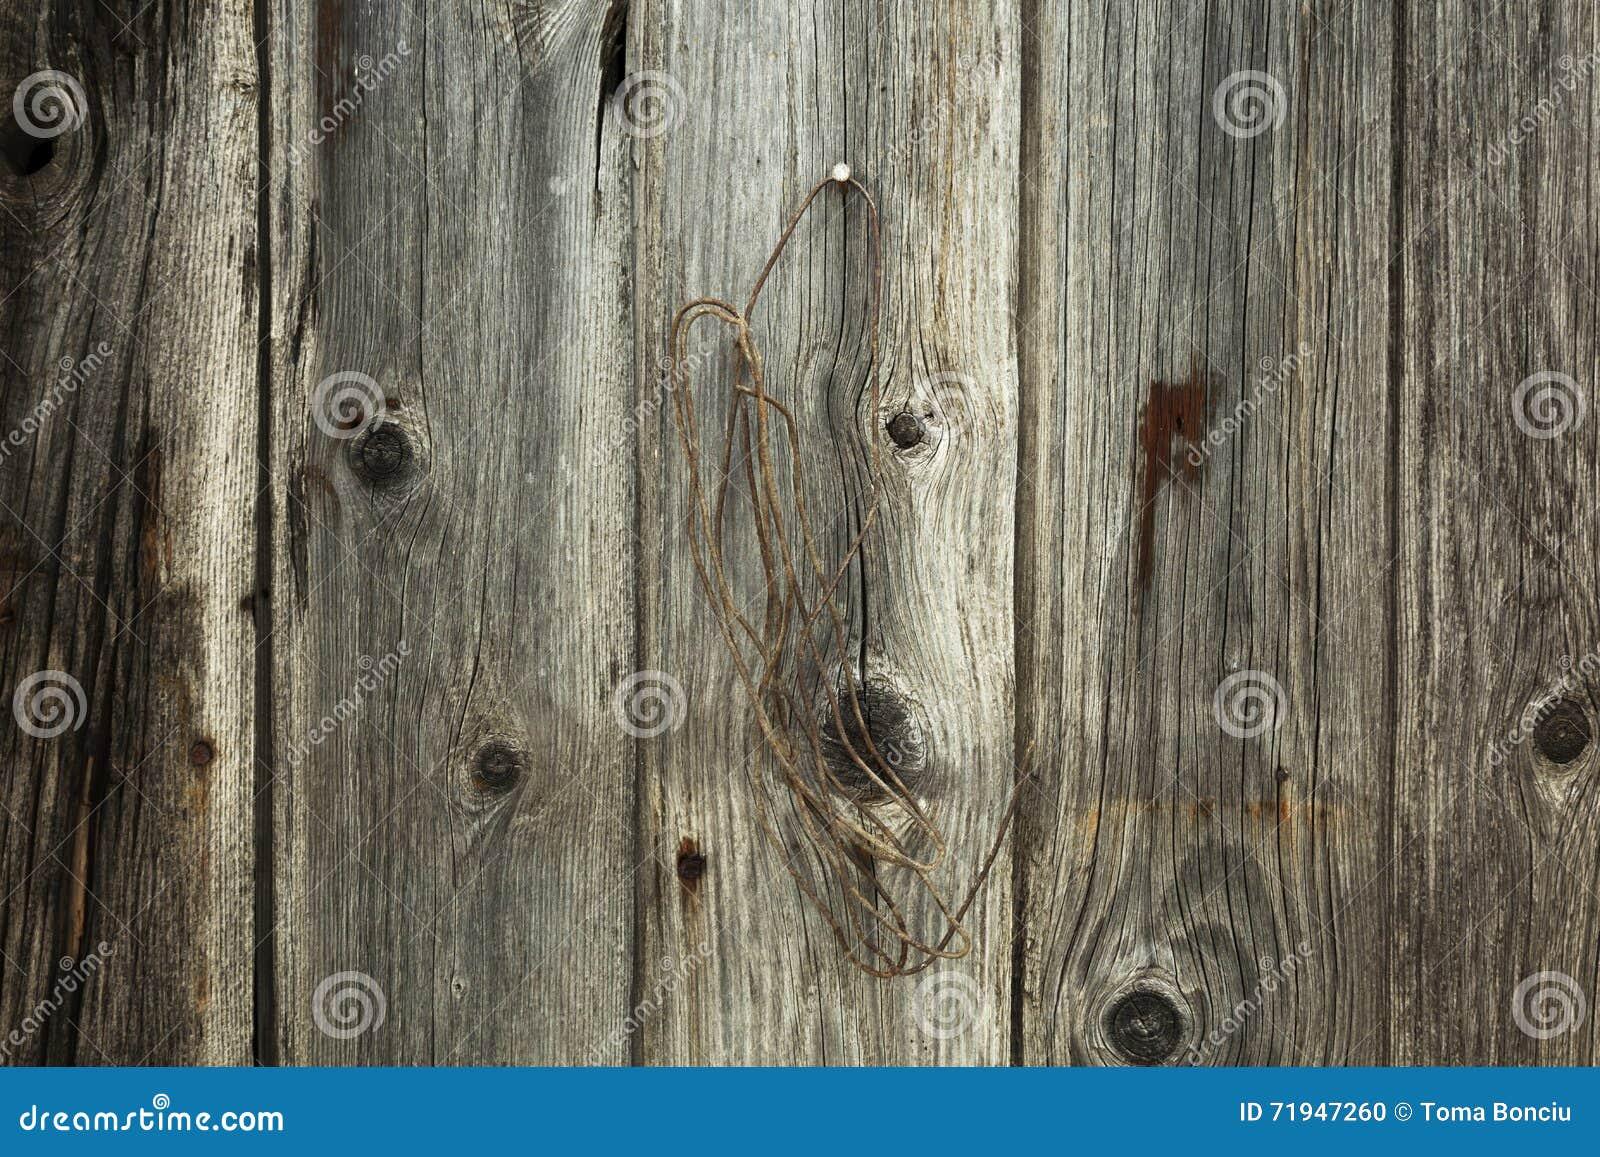 Деревянные планки текстуры, деревянный стол, таблица